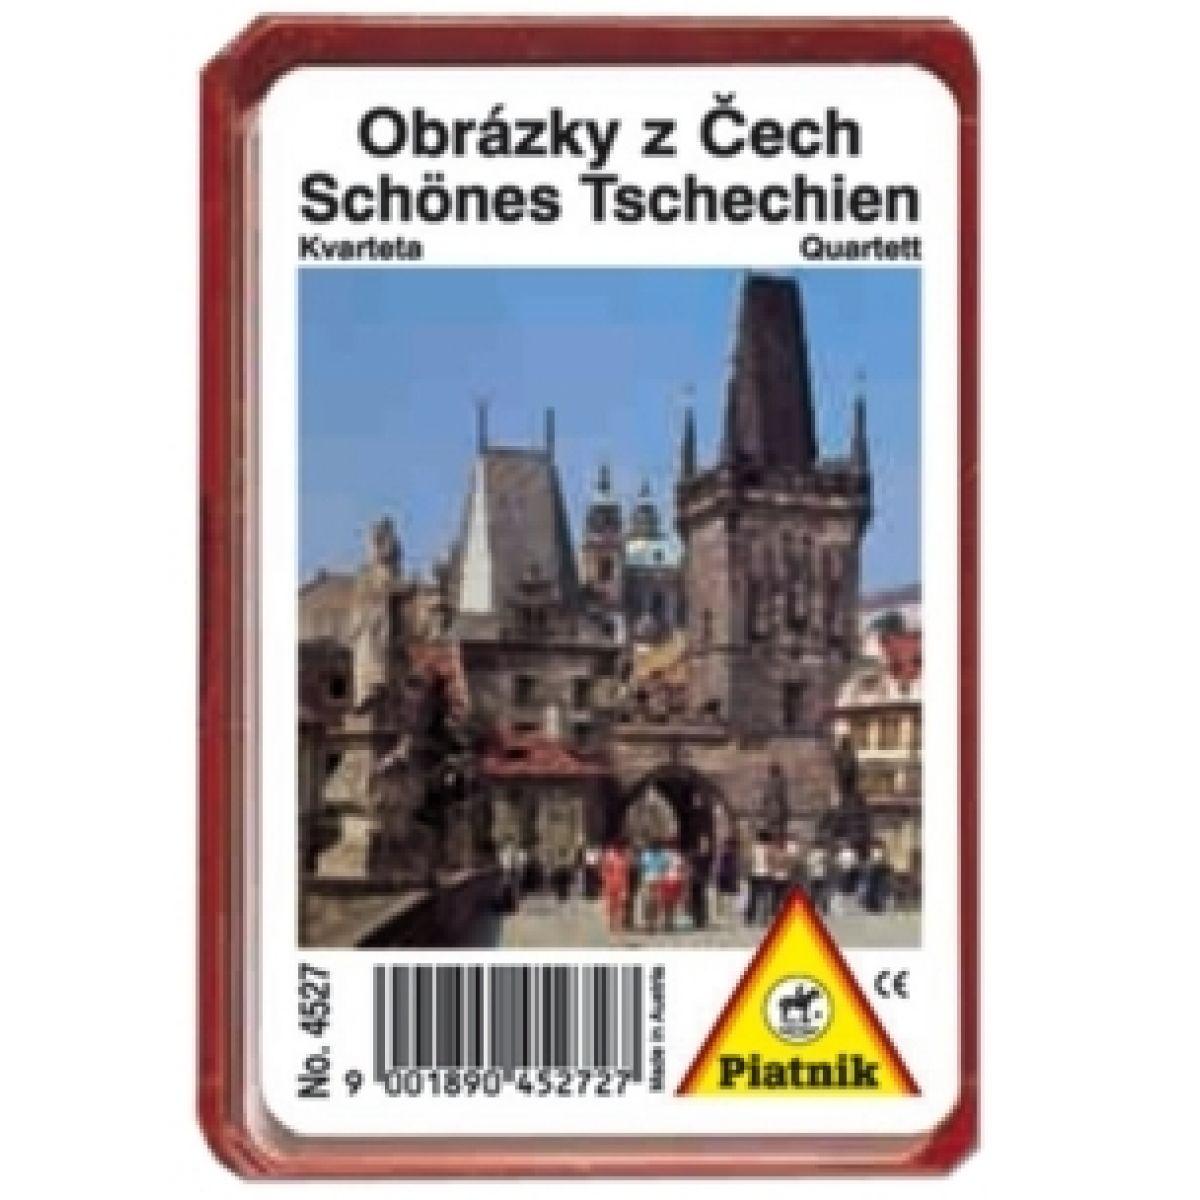 Piatnik Kvarteto Obrázky z Čech